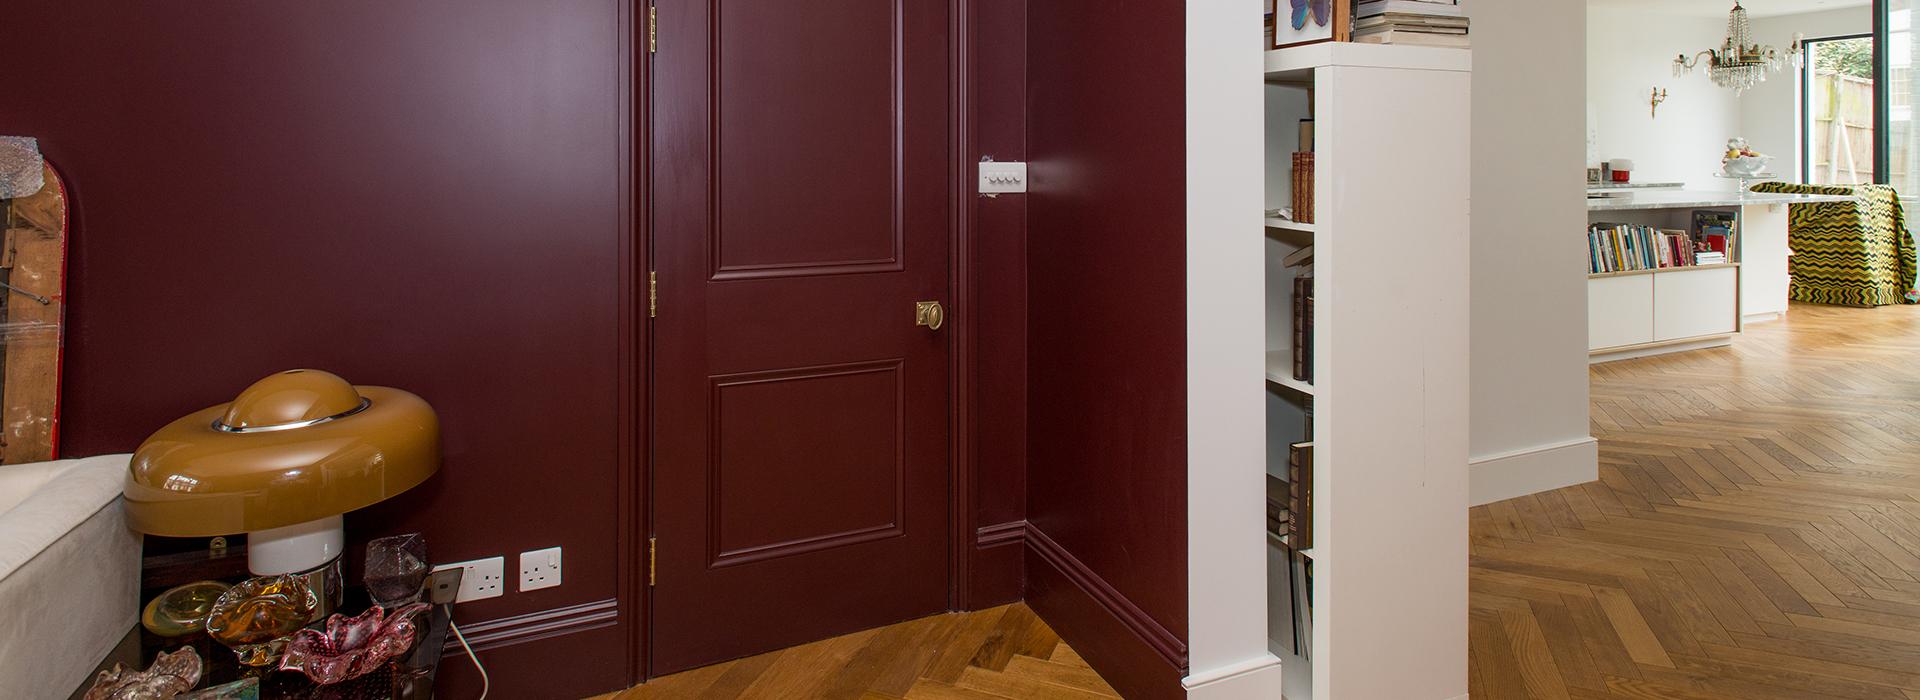 Burgundy interior doors